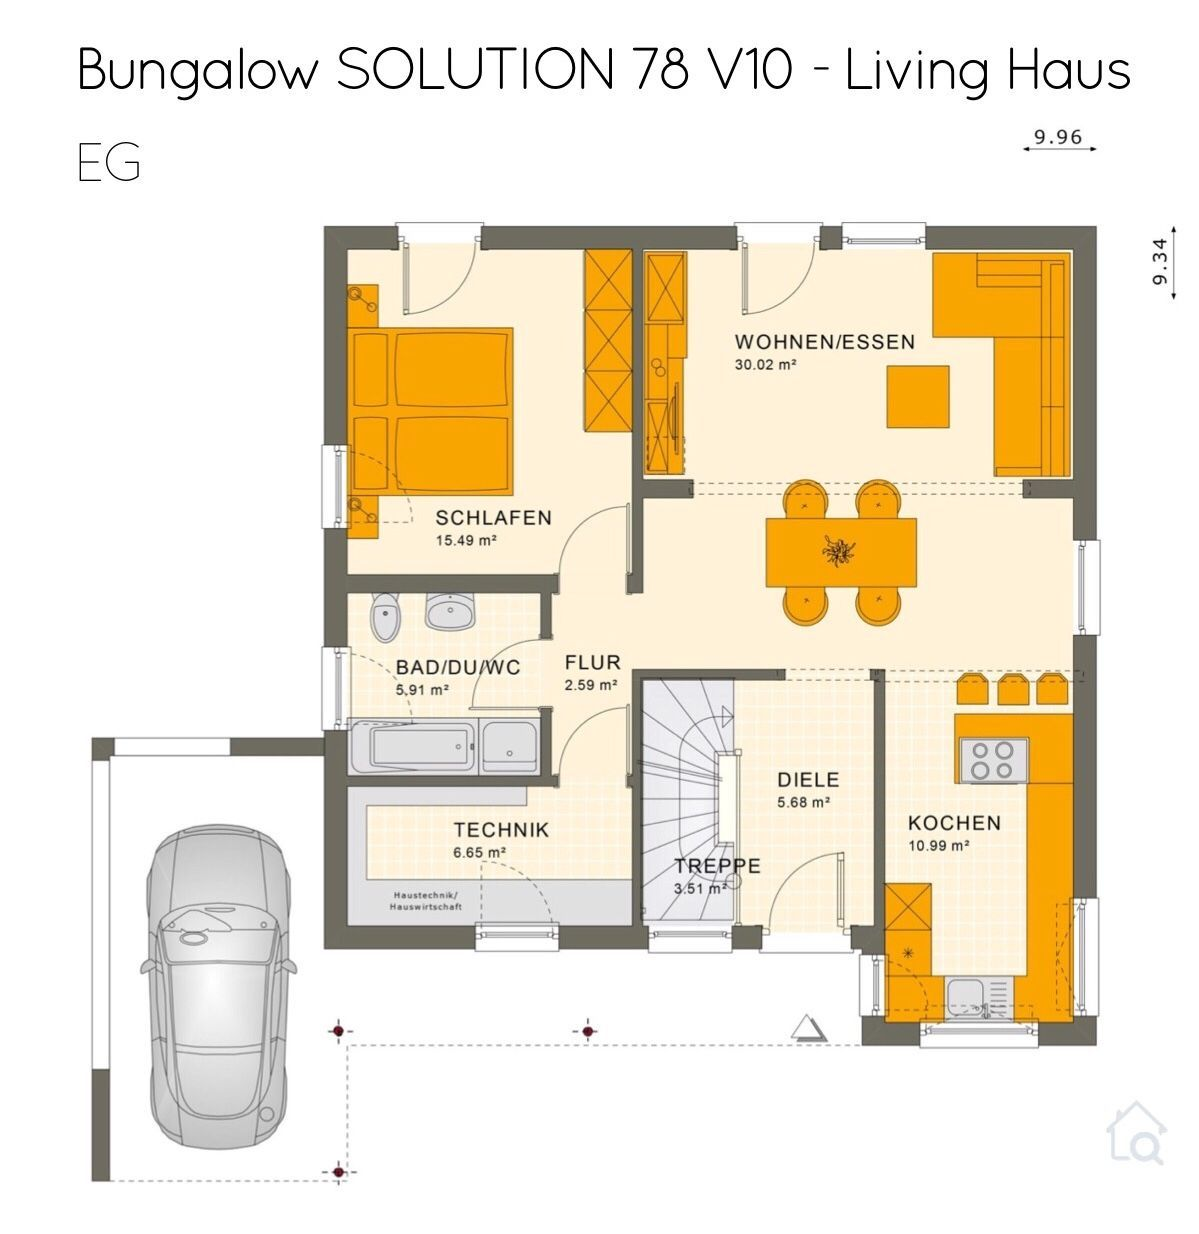 Grundriss Bungalow Haus Quadratisch Mit Flachdach Architektur Keller 2 Zimmer Ca 80 Qm Mit Integriertem Bungalow Grundriss Mehrfamilienhaus Living Haus